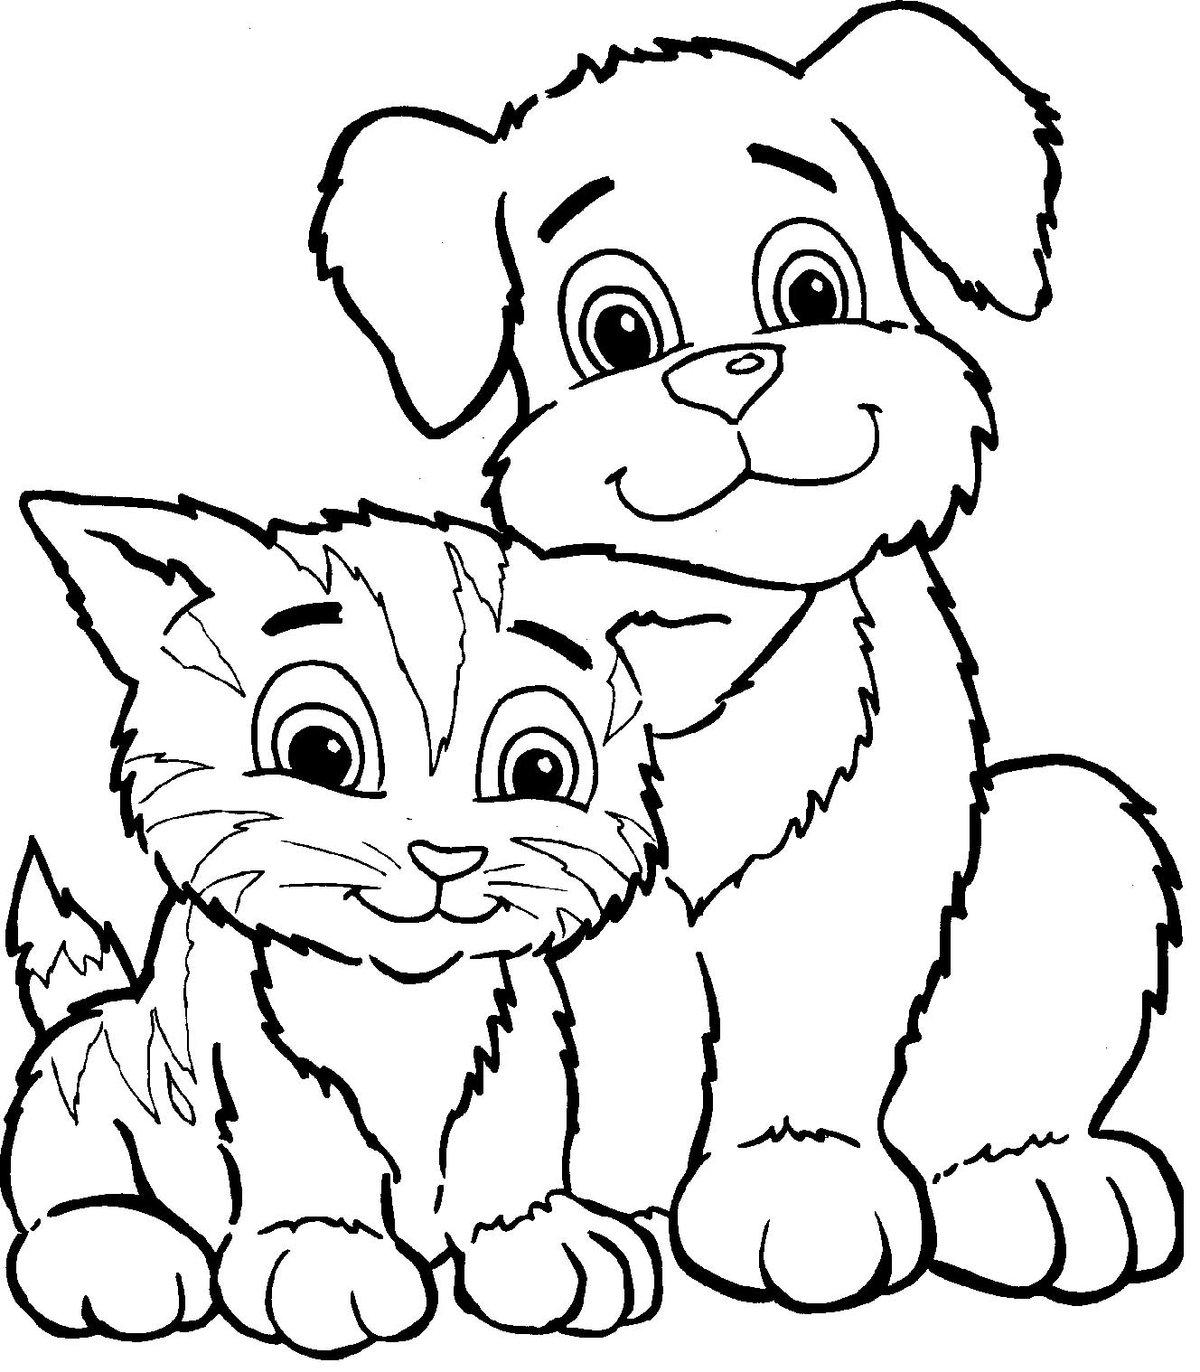 Картинка кошек и собак нарисованные